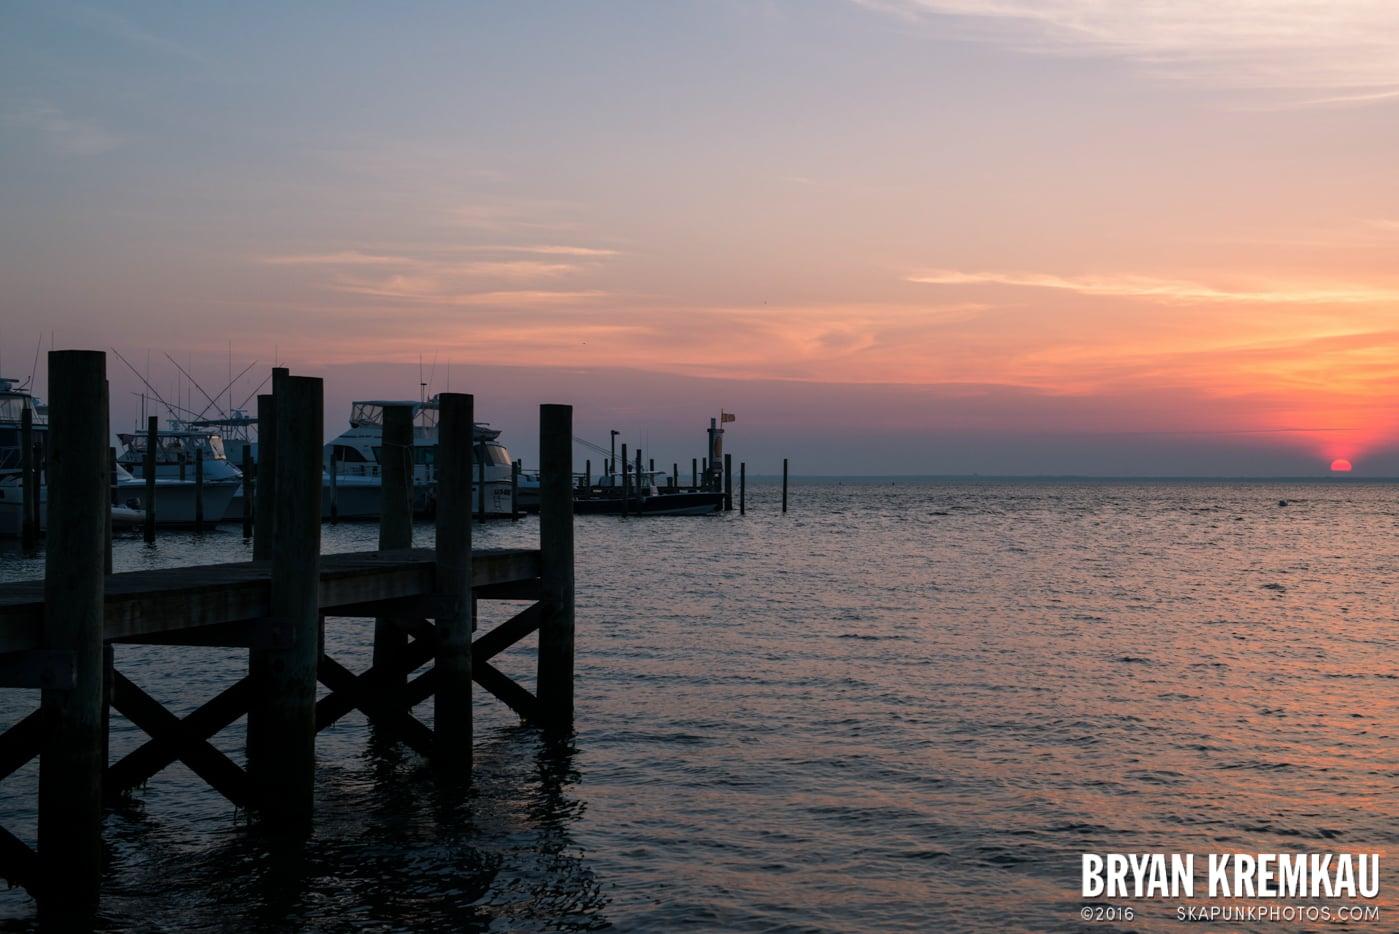 Beach Haven, Long Beach Island, NJ - 6.16.14 - 6.18.14 (41)